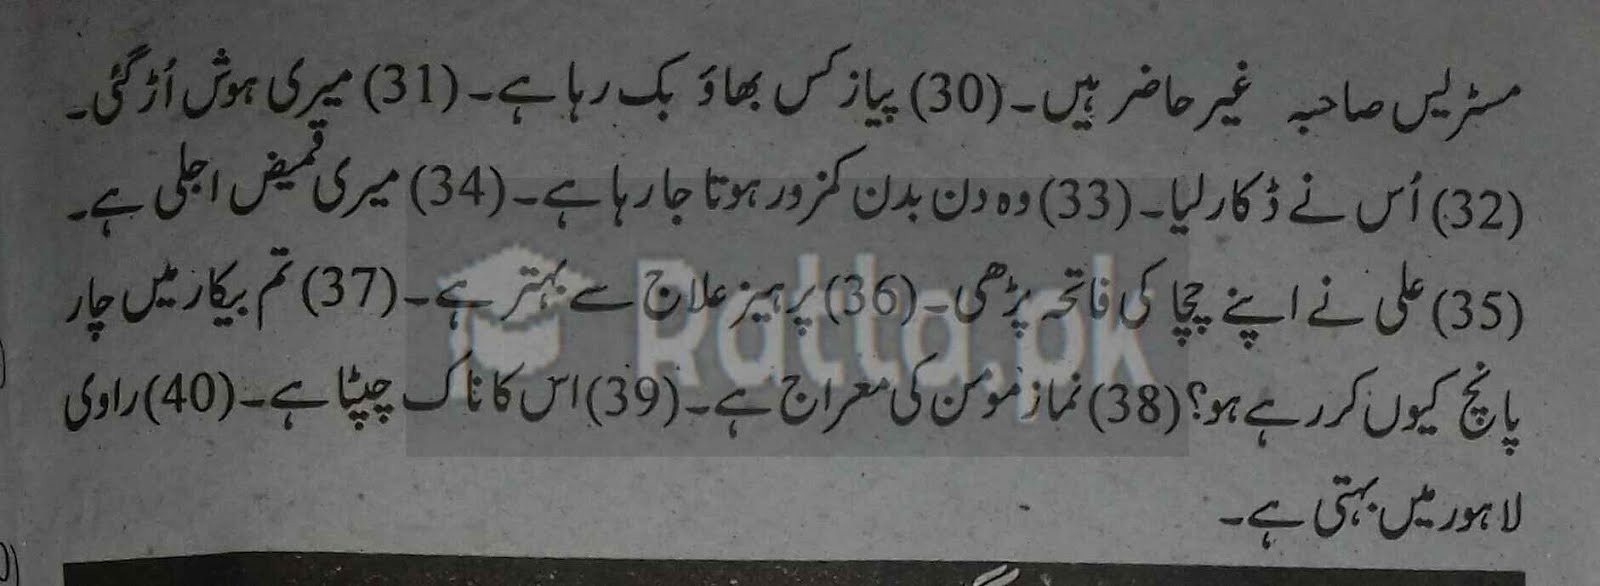 1st Year Urdu Guess Paper 2017 3